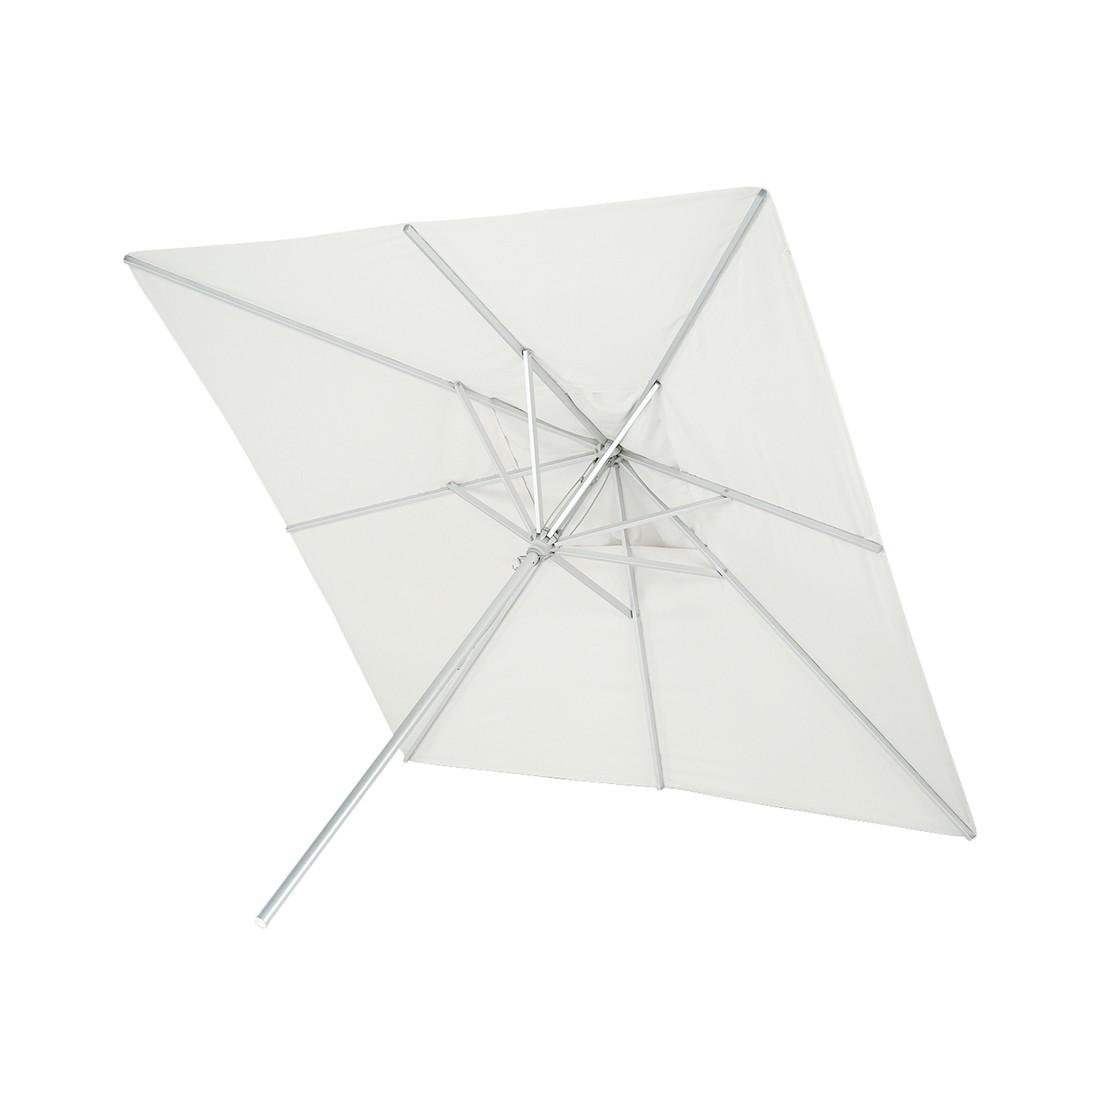 Sonnenschirm Messina Alu quadratisch - Aluminium Naturweiß, Skagerak